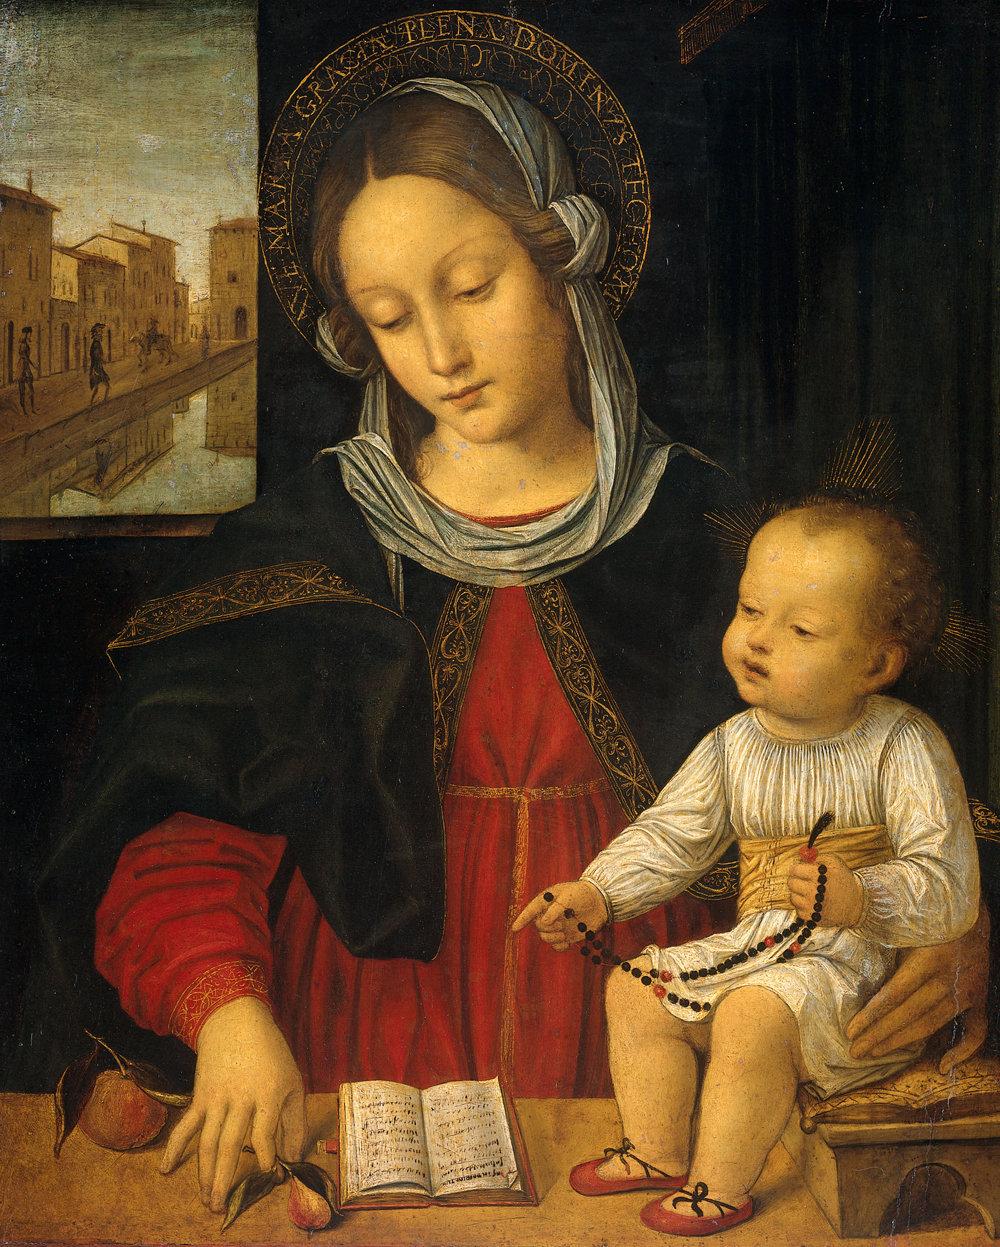 La biblia y la virgen mar a madre de jes s - Leer la mano hijos ...